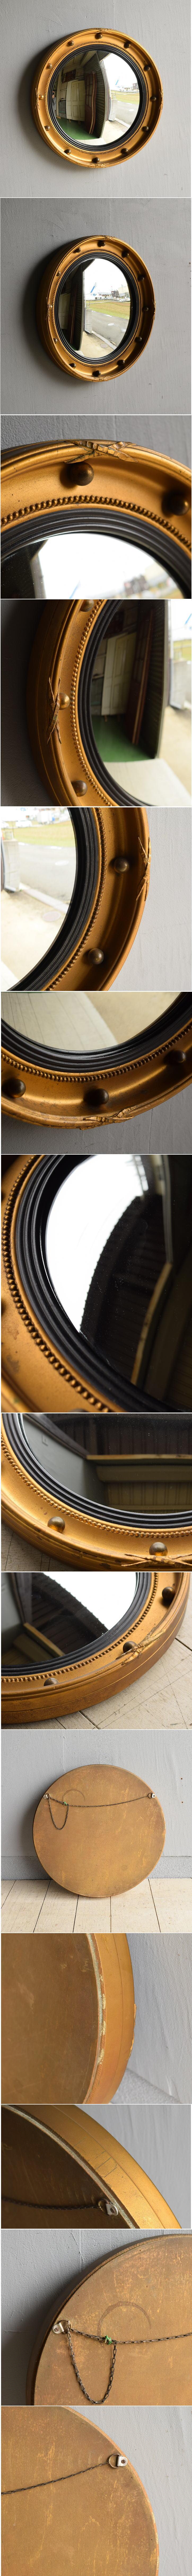 イギリス アンティーク  木製枠 ミラー 鏡 7880